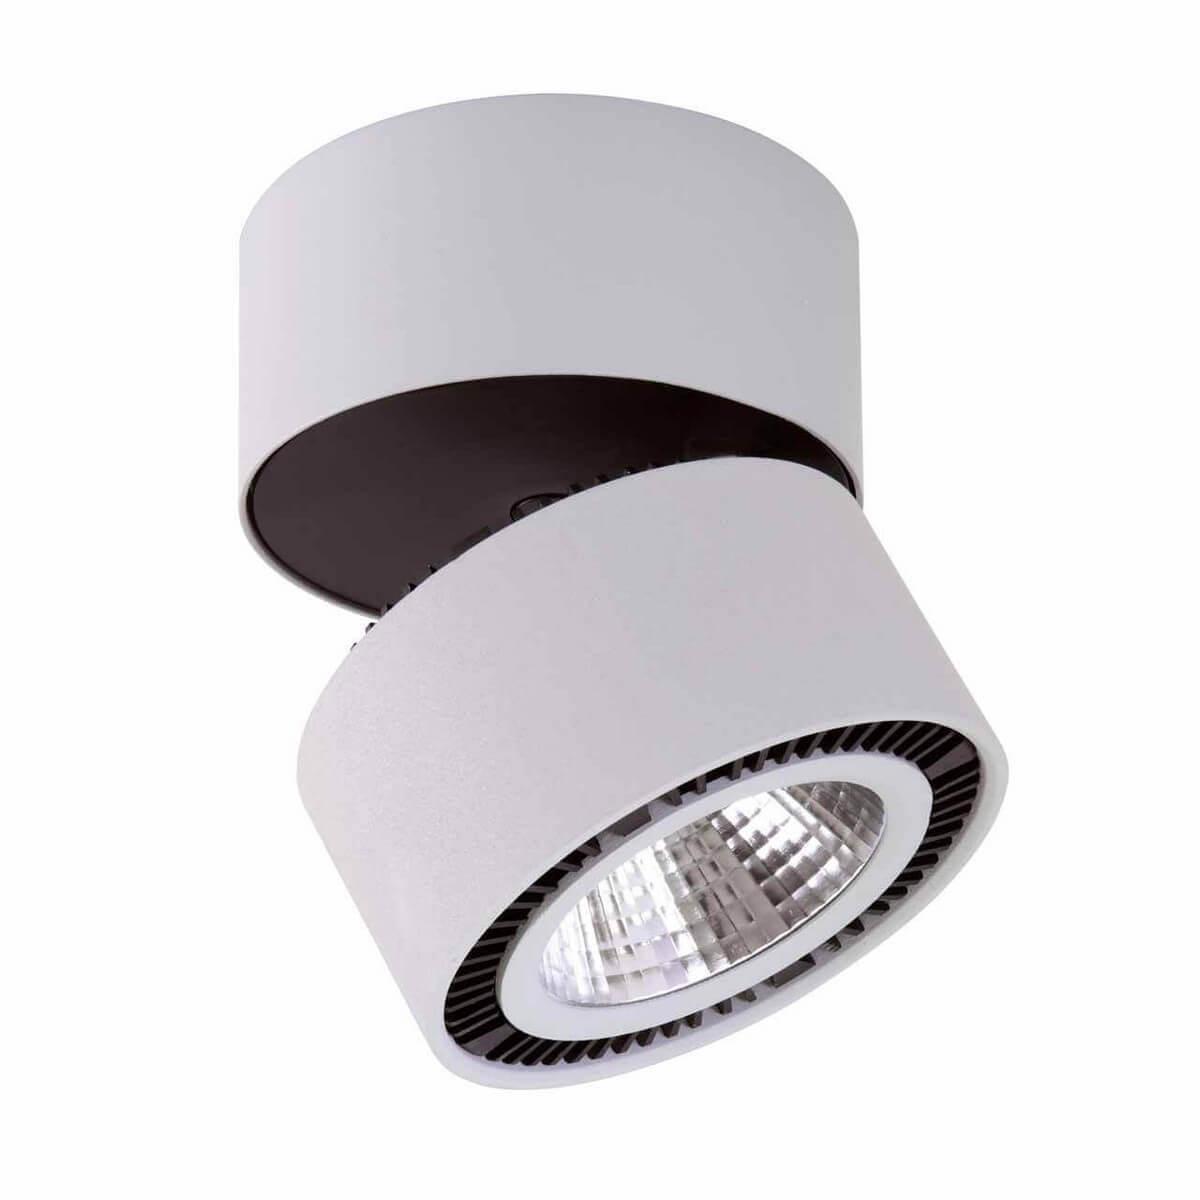 Светильник Lightstar 214859 Forte Muro потолочный светодиодный светильник lightstar forte muro 213839